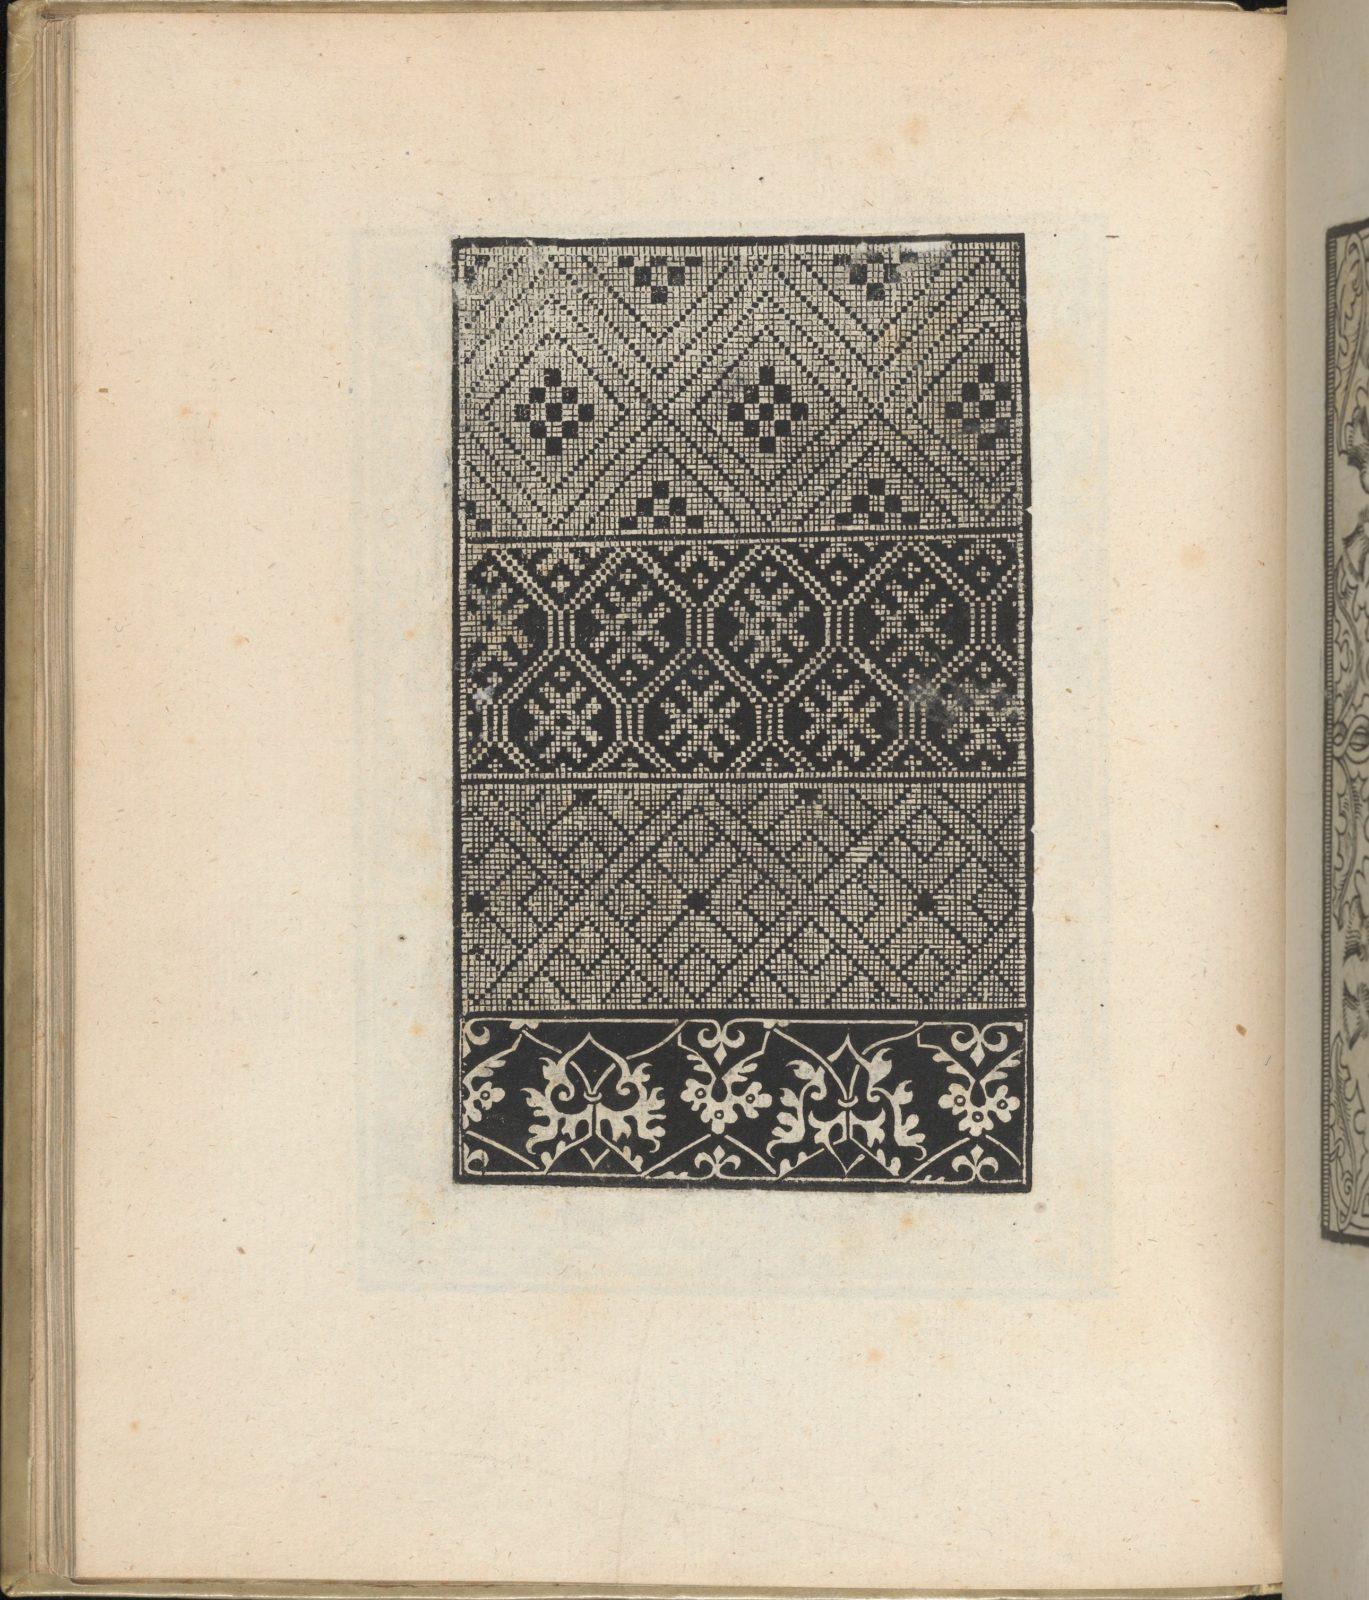 Trionfo Di Virtu. Libro Novo..., page 28 (recto)